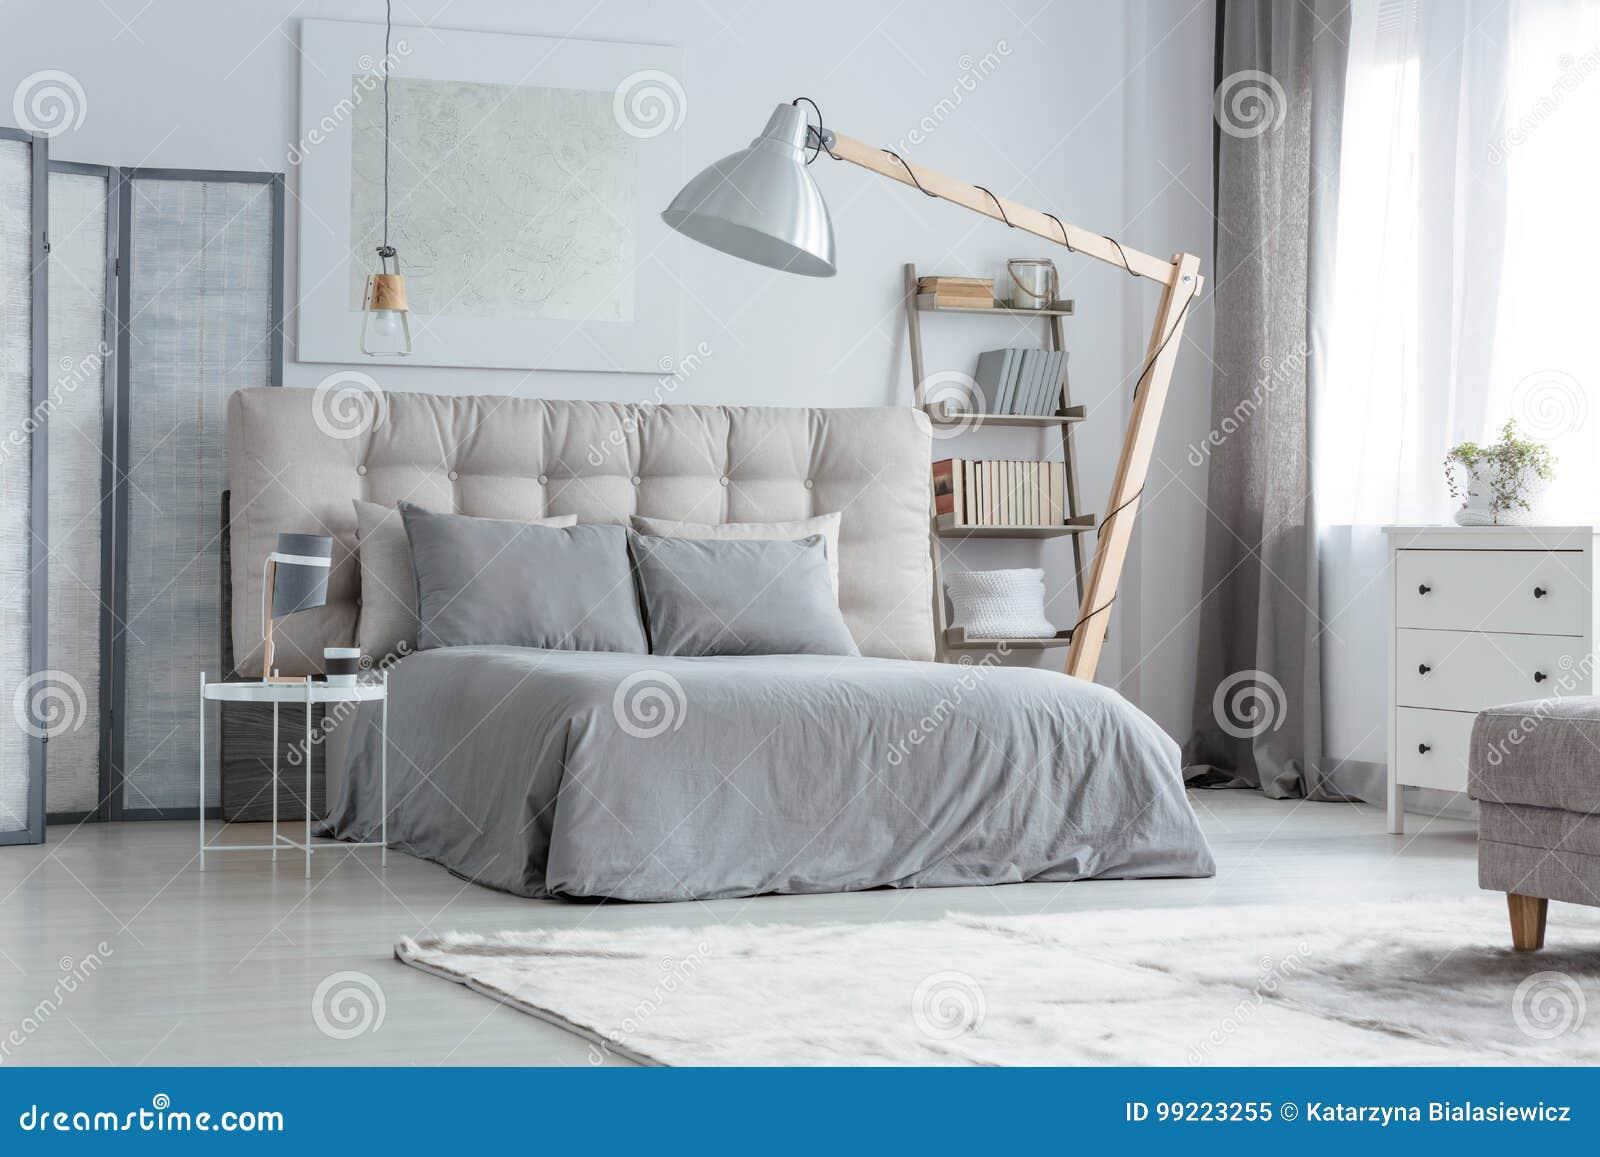 Grijze Slaapkamer Lamp : Moderne grijze slaapkamer stock afbeelding afbeelding